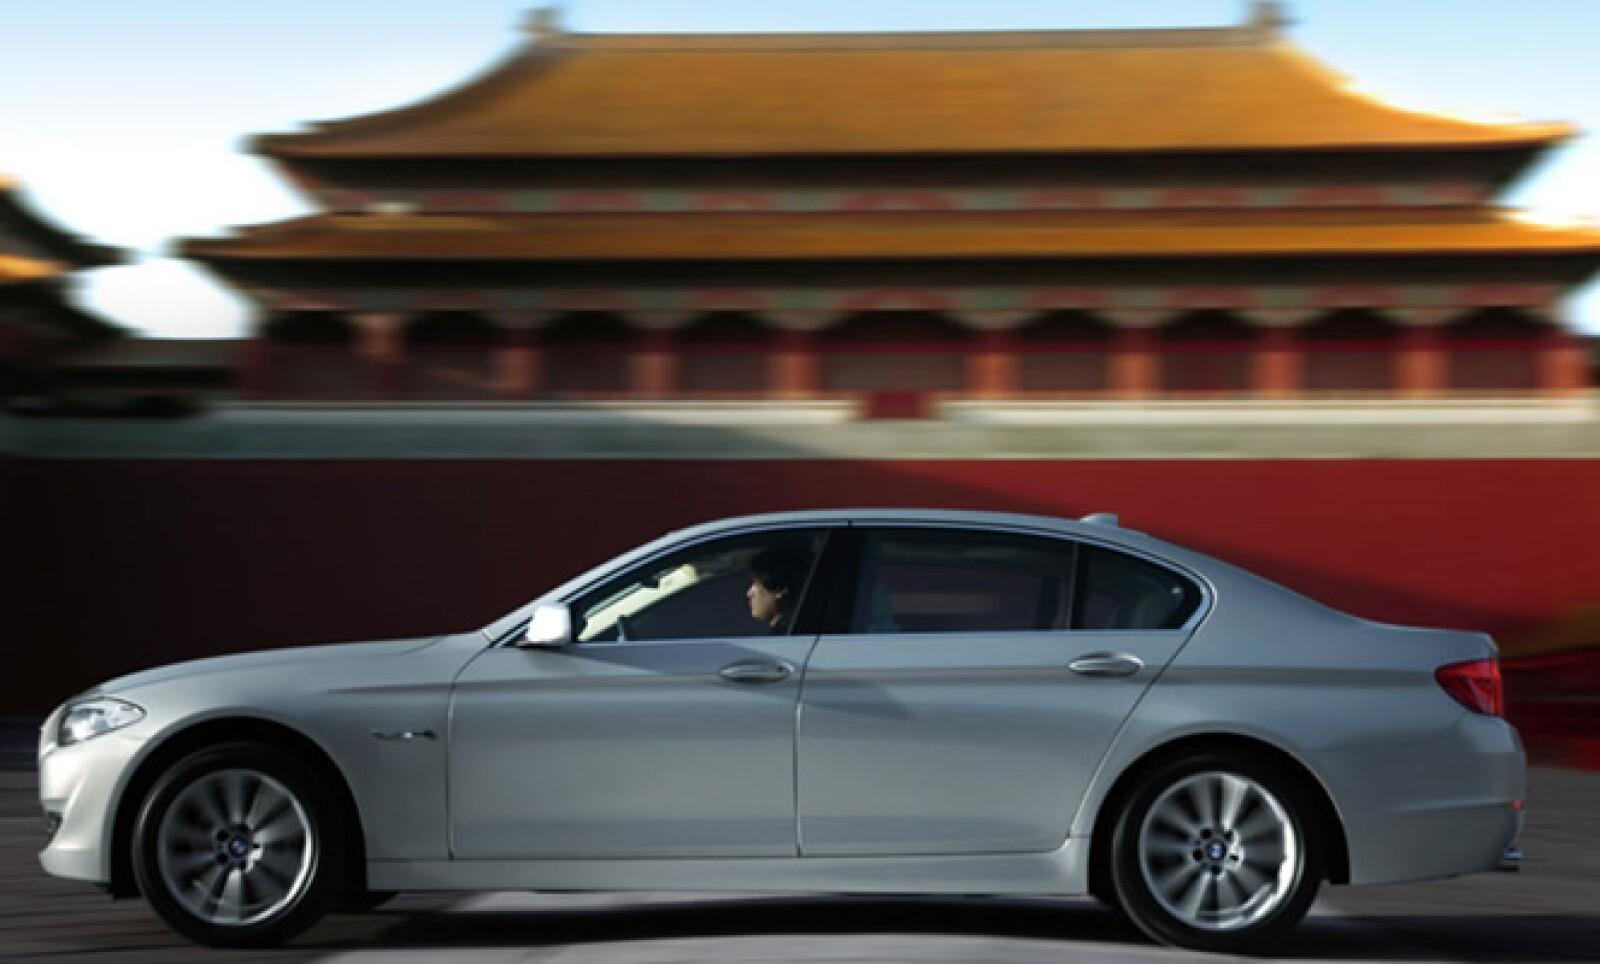 El Serie 5 del mercado chino será el mismo que se comercializa en el mundo, pero tendrá un incremento de tamaño de 14 cm.